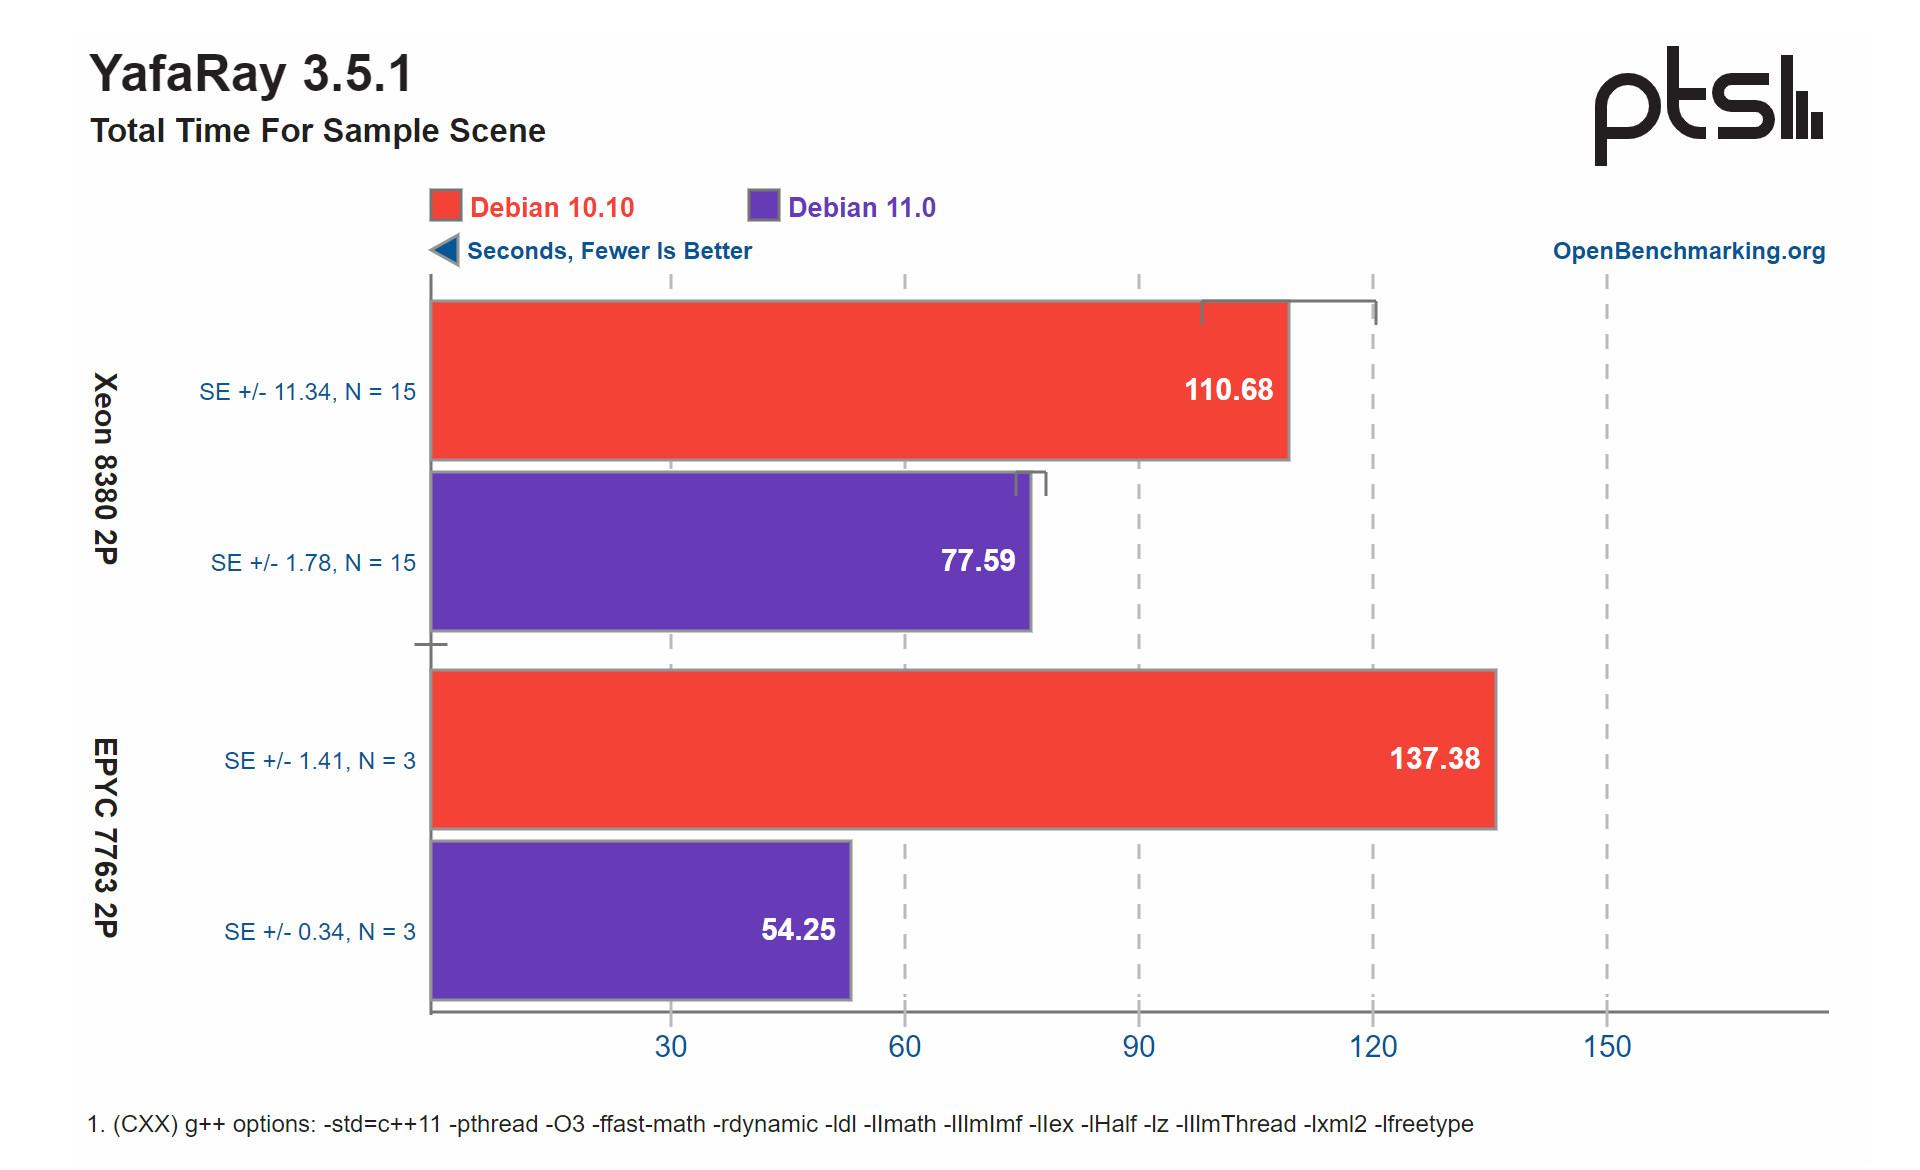 Debian 11 performance vs Debian 10 in YafaRay